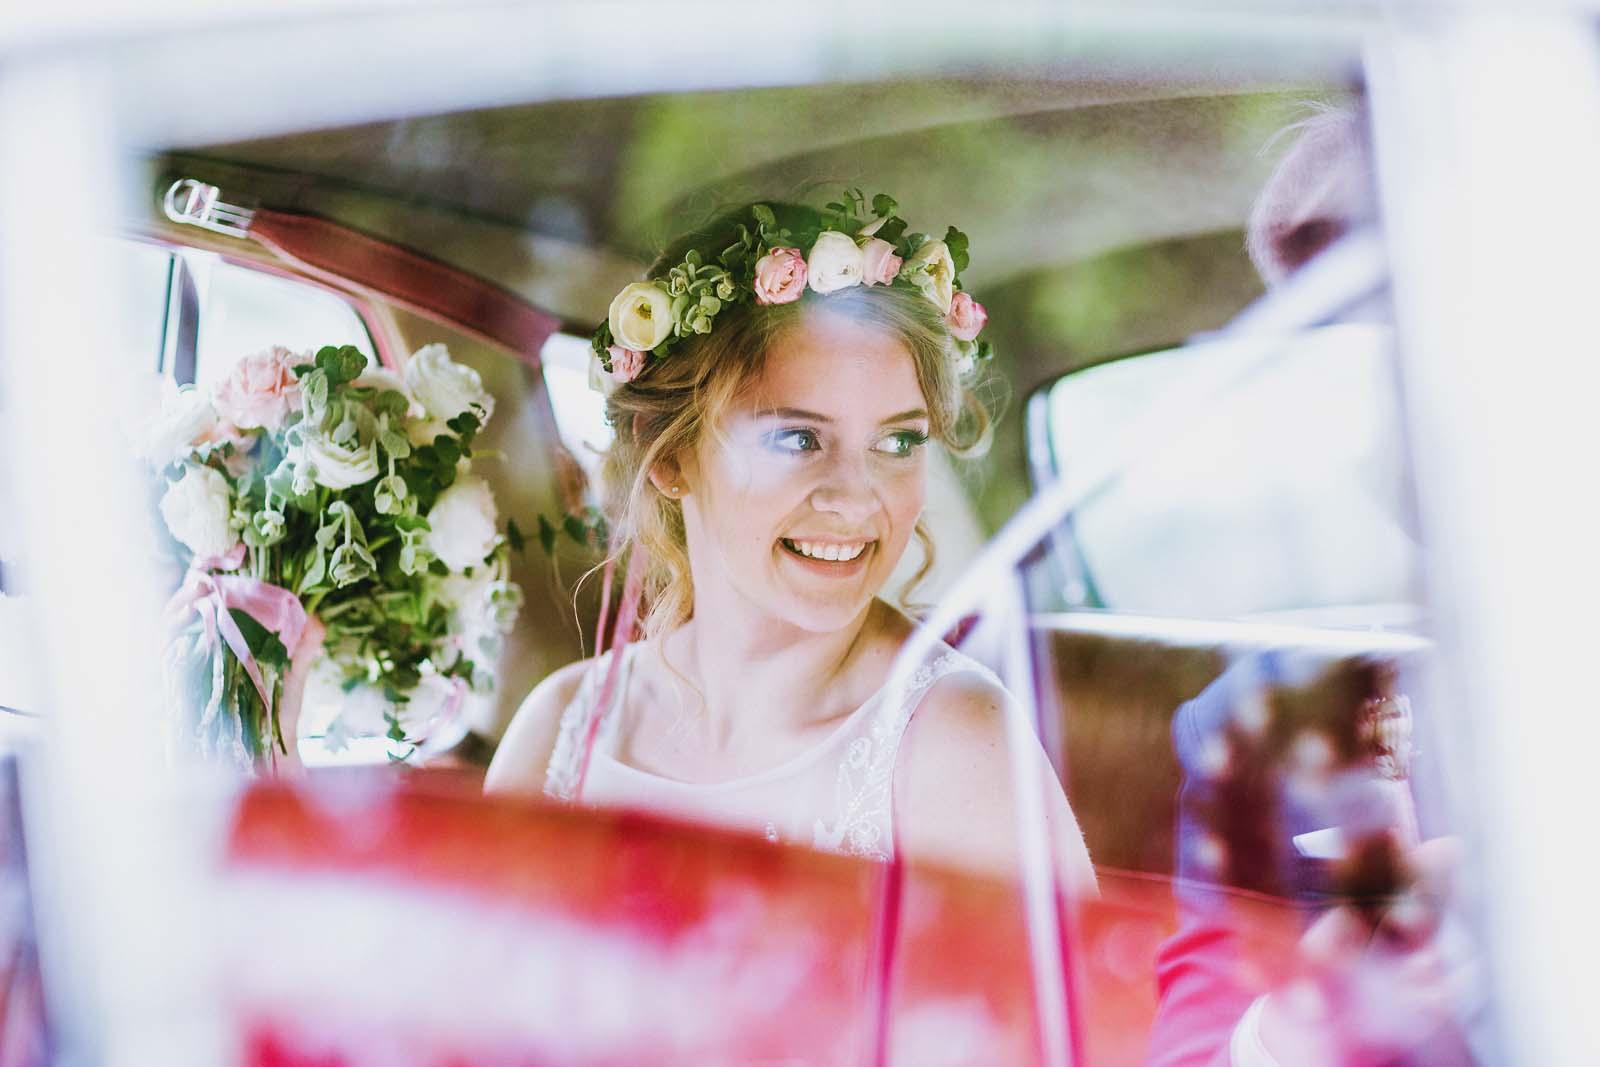 Foto zeigt Braut im Hochzeitsauto einer Vintage Hochzeit Copyright by Hochzeitsfotograf www.berliner-hochzeitsfotografie.de